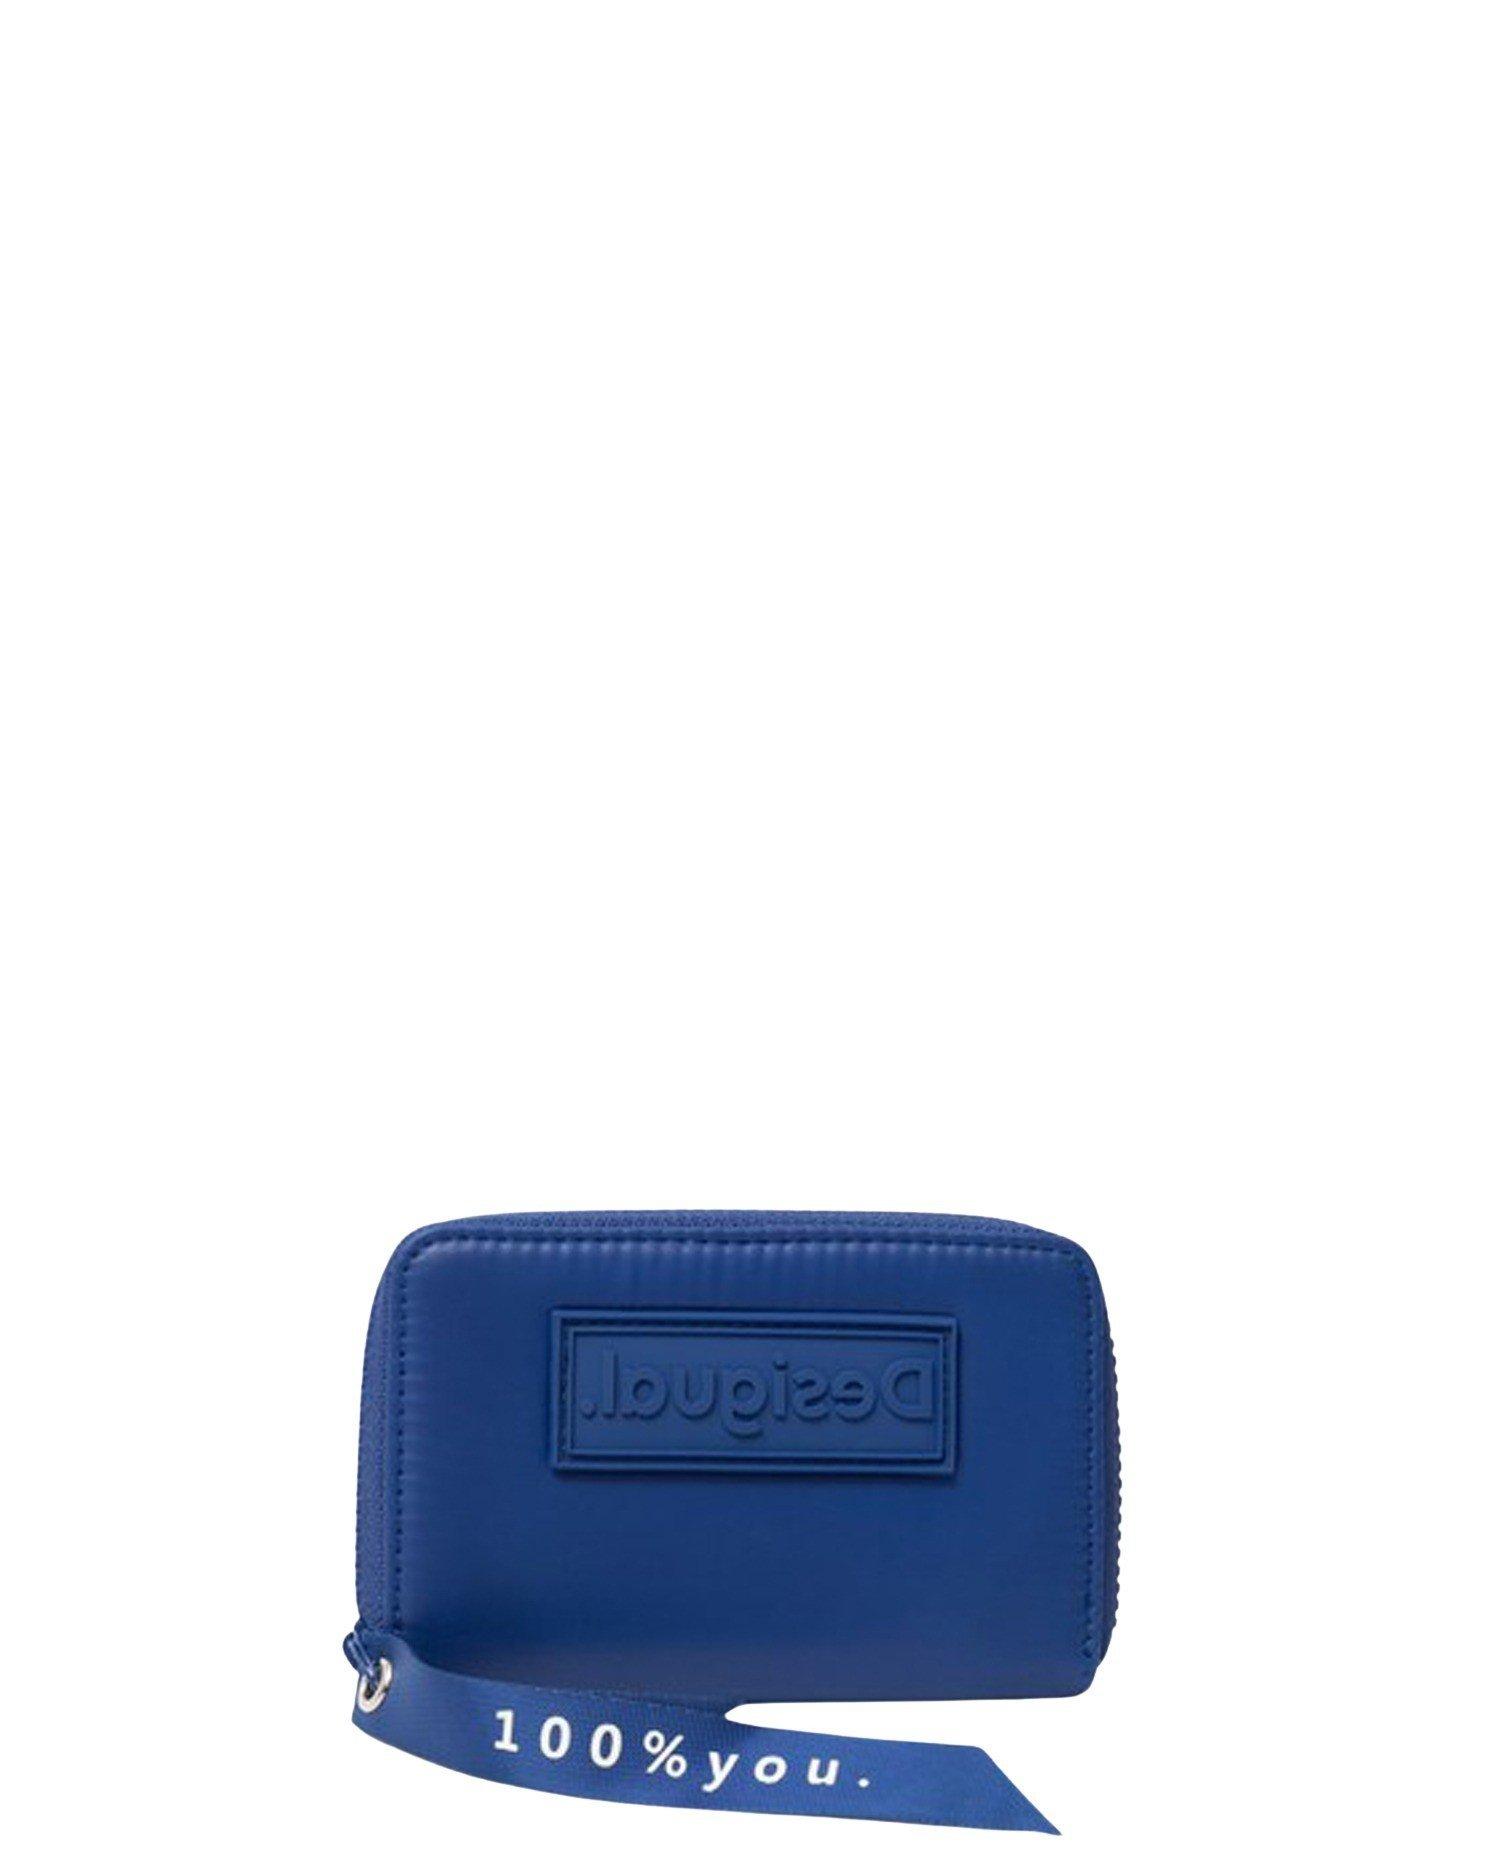 Desigual Women's Wallet Various Colours 188097 - blue UNICA